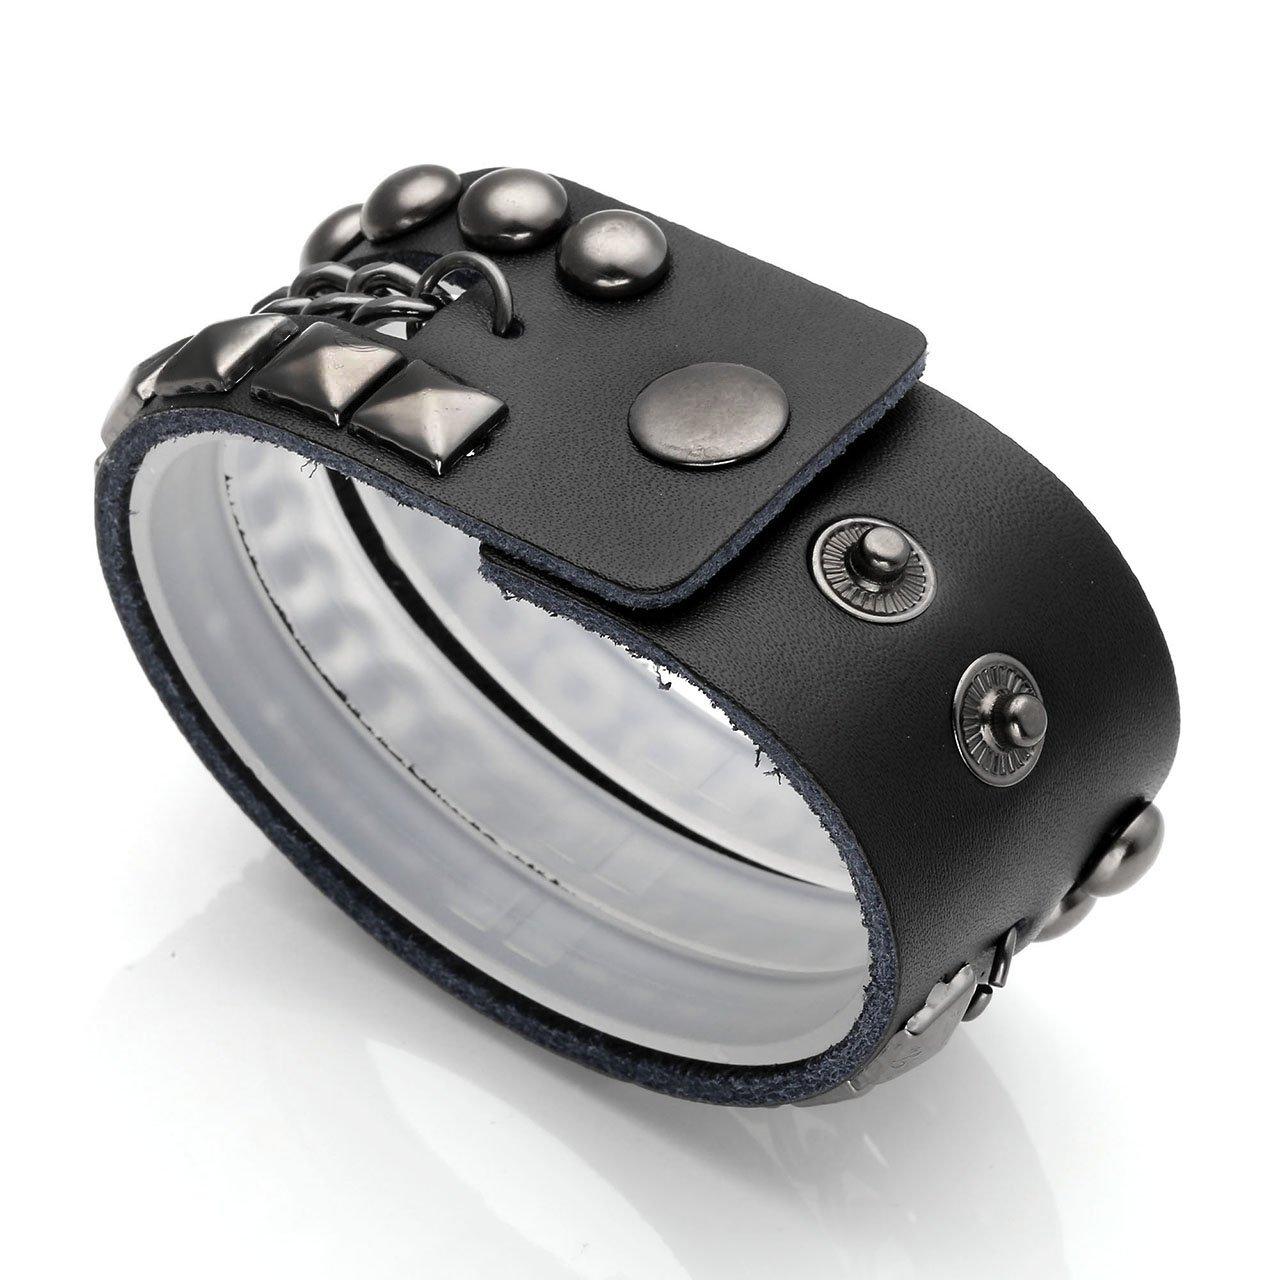 766c4f9653f PiercingJ - Bijoux Bracelet Leather Cuir Veritable Reglable Circonference de  Bras Cloute Large avec Chaine de Fer ...